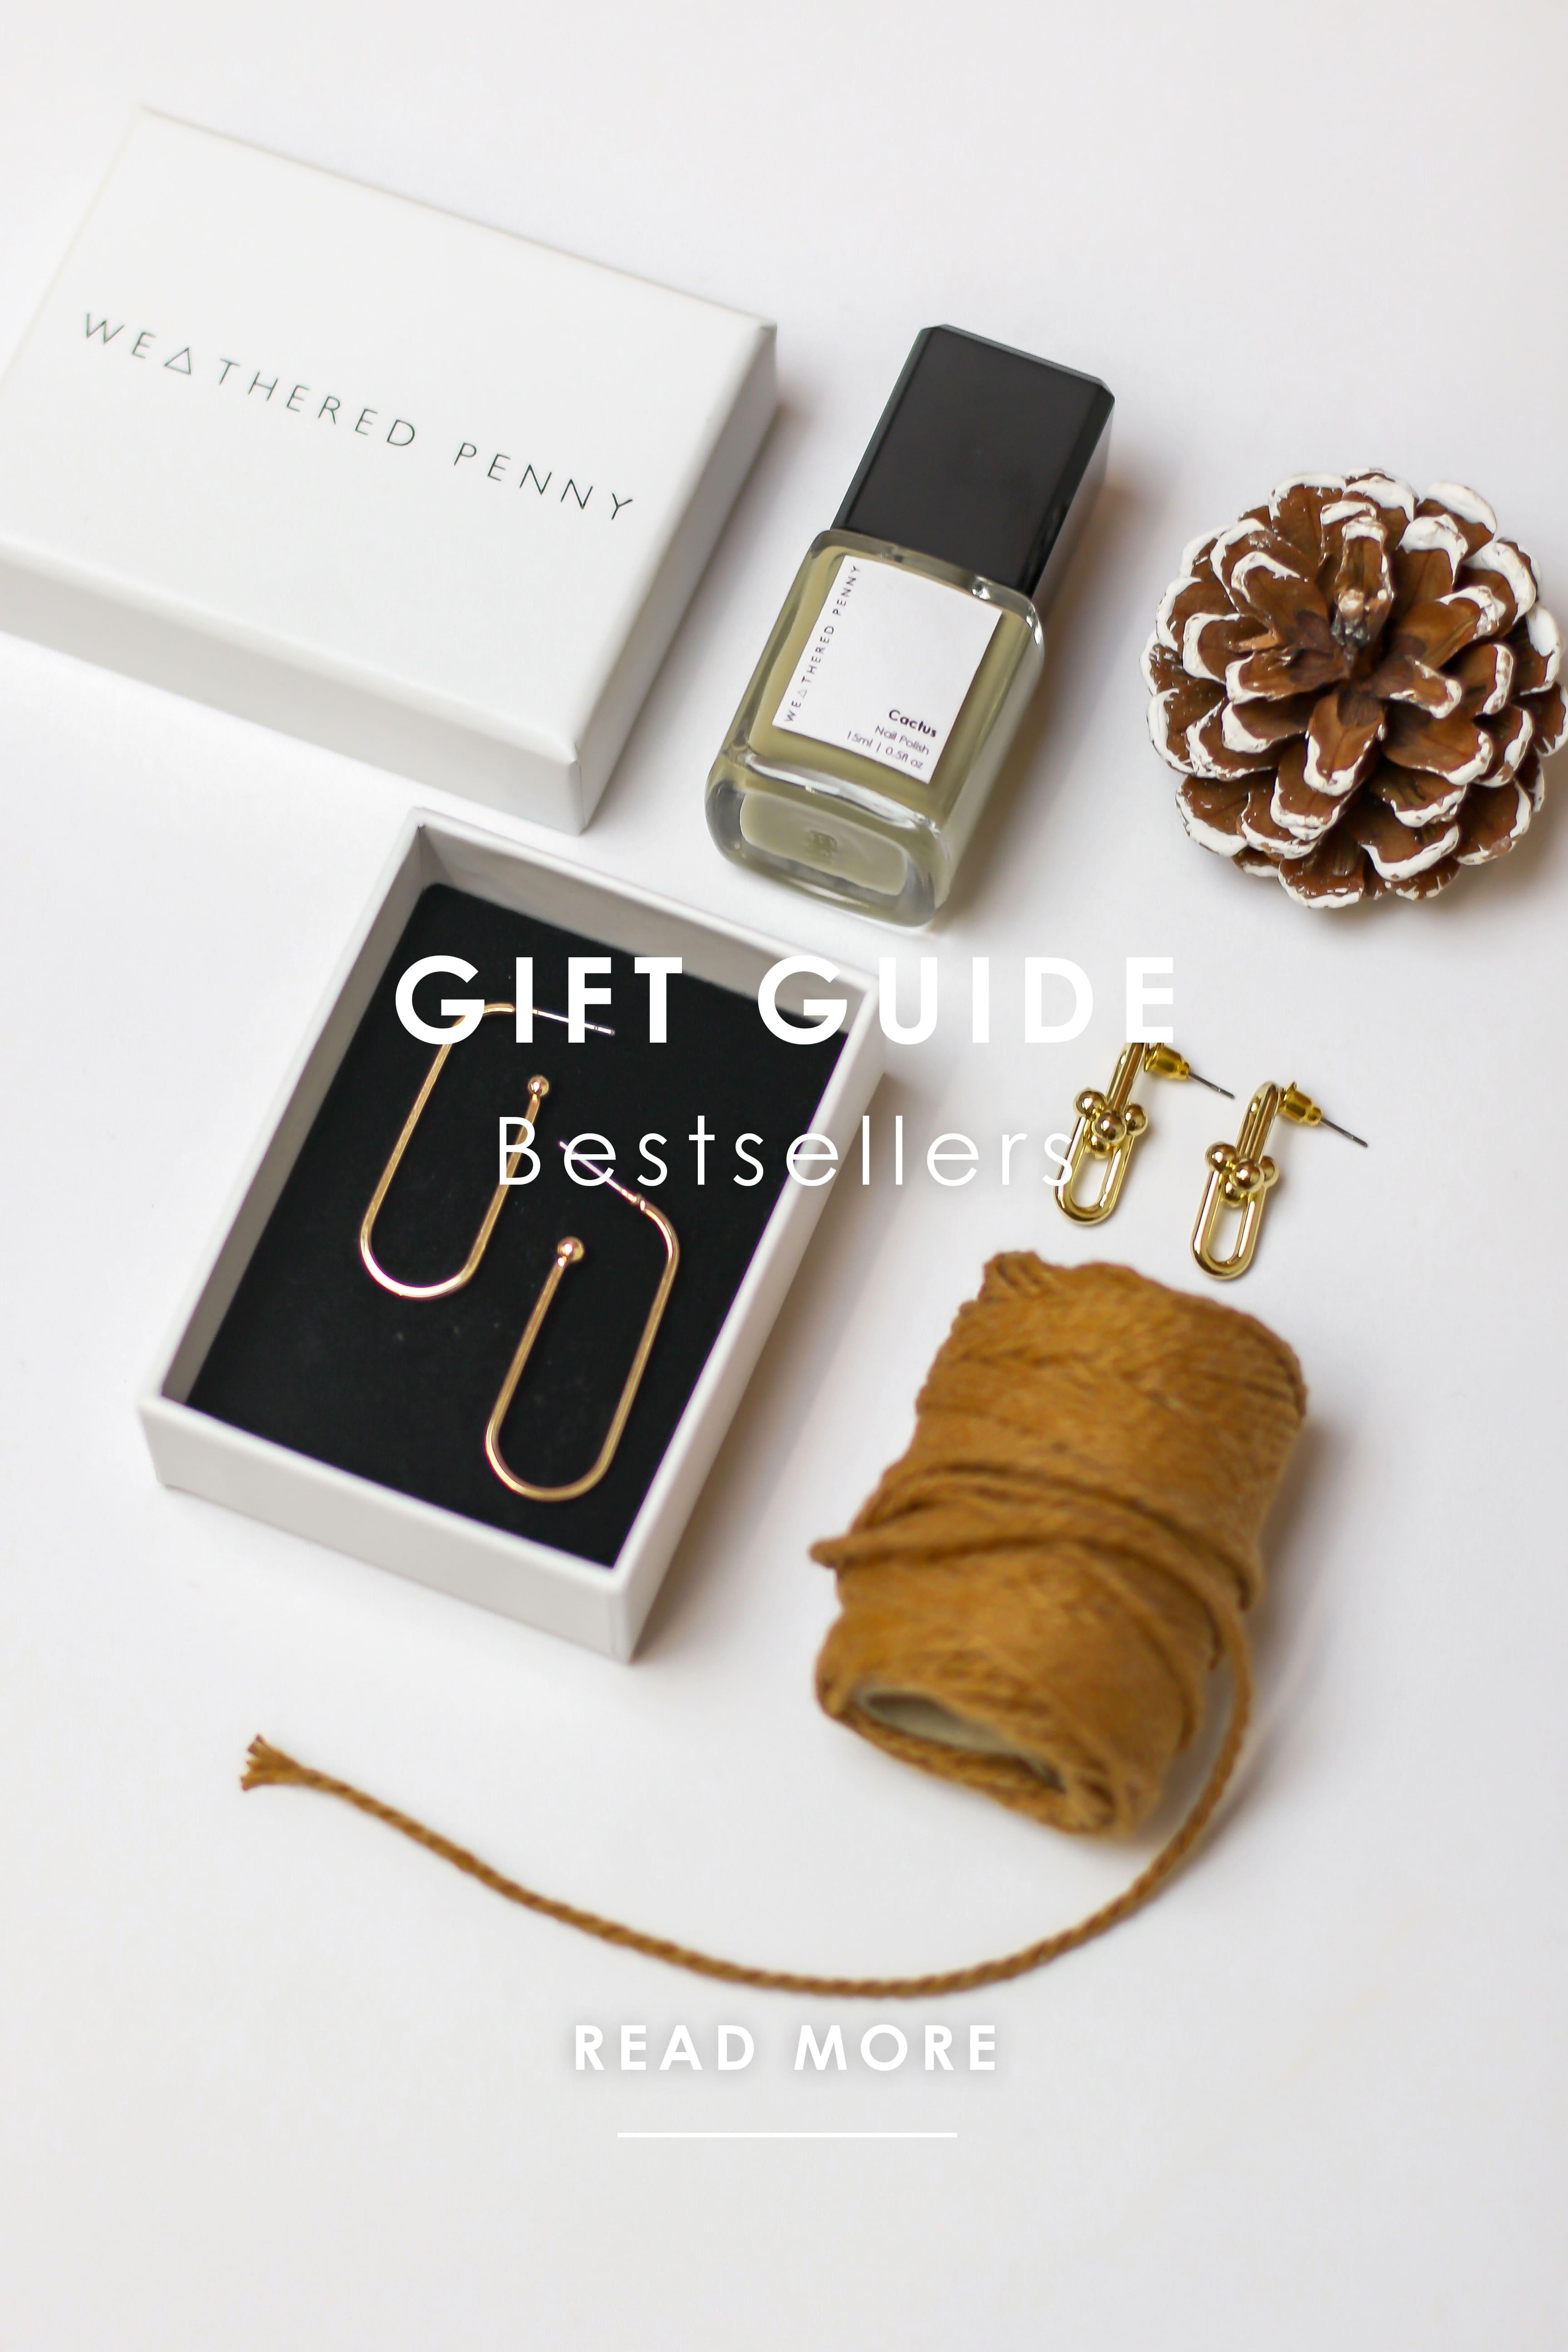 Gift Guide: Bestsellers